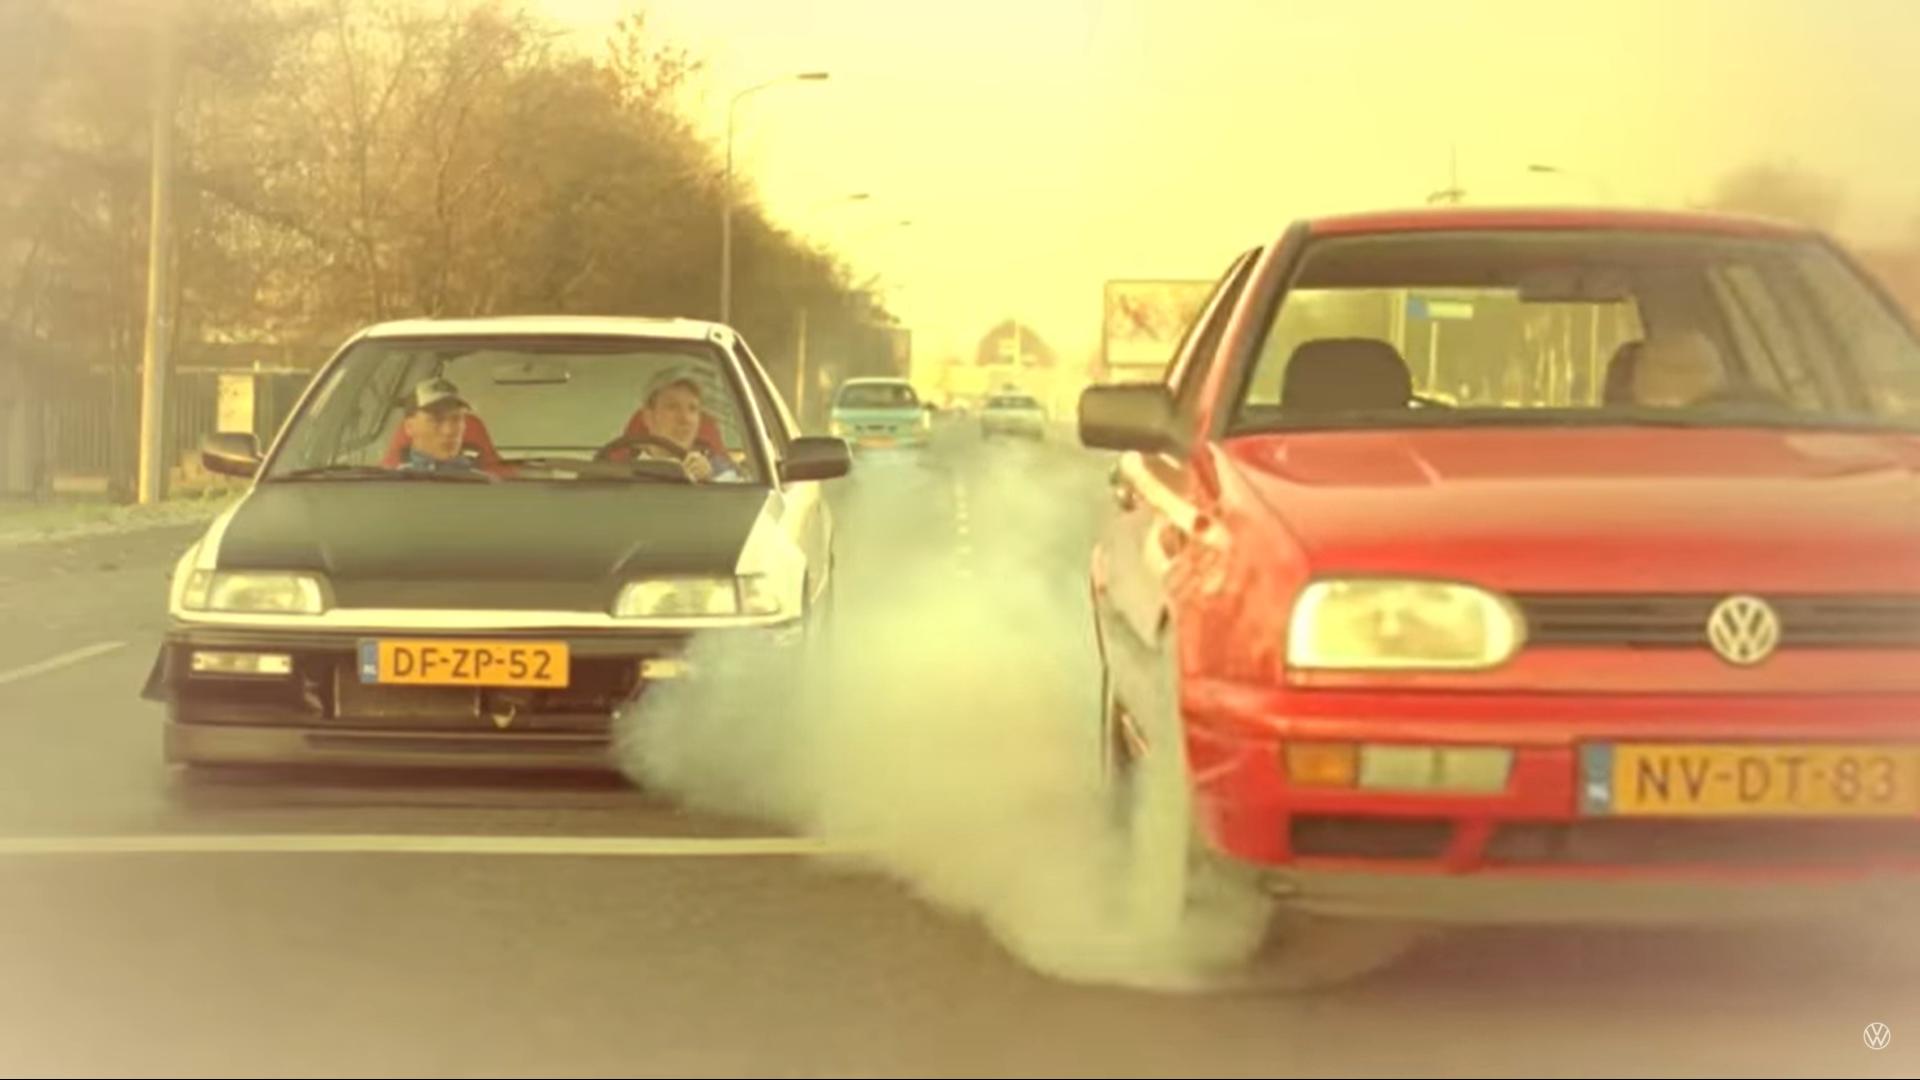 autoreclames verbieden Volkswagen en het oude vrouwtje reclame dragrace bij stoplicht